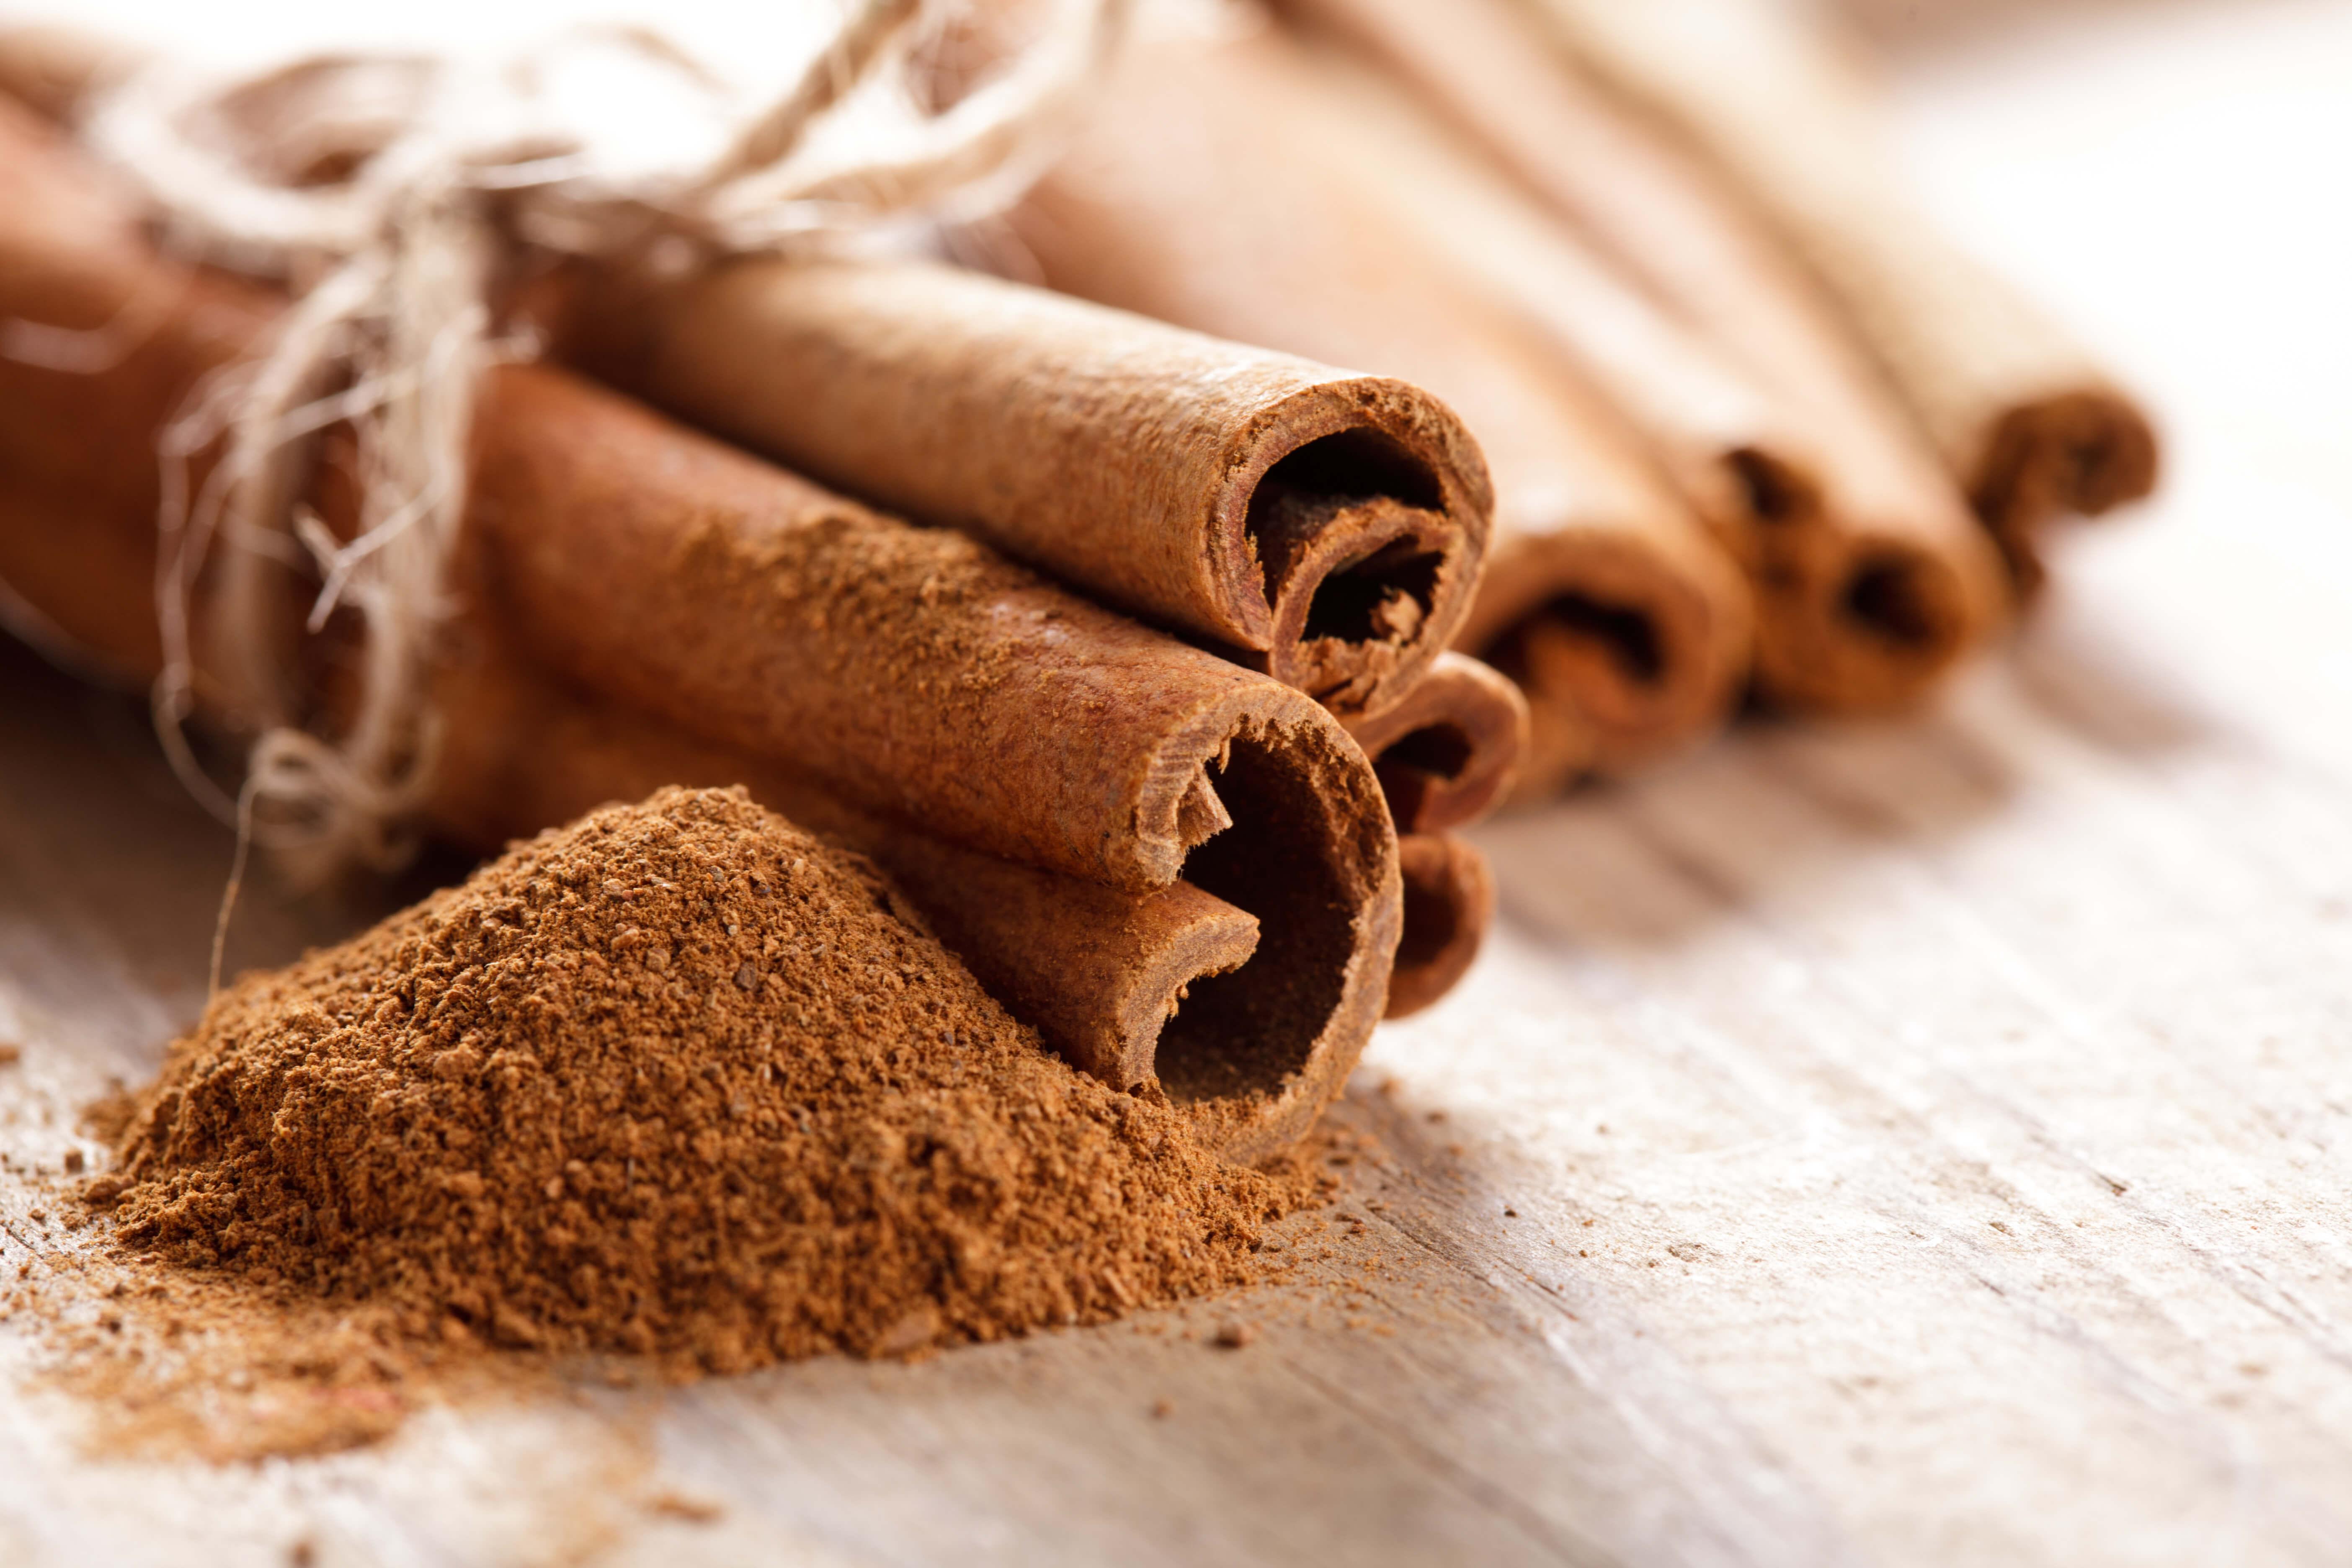 Beneficios de la canela y el té de canela